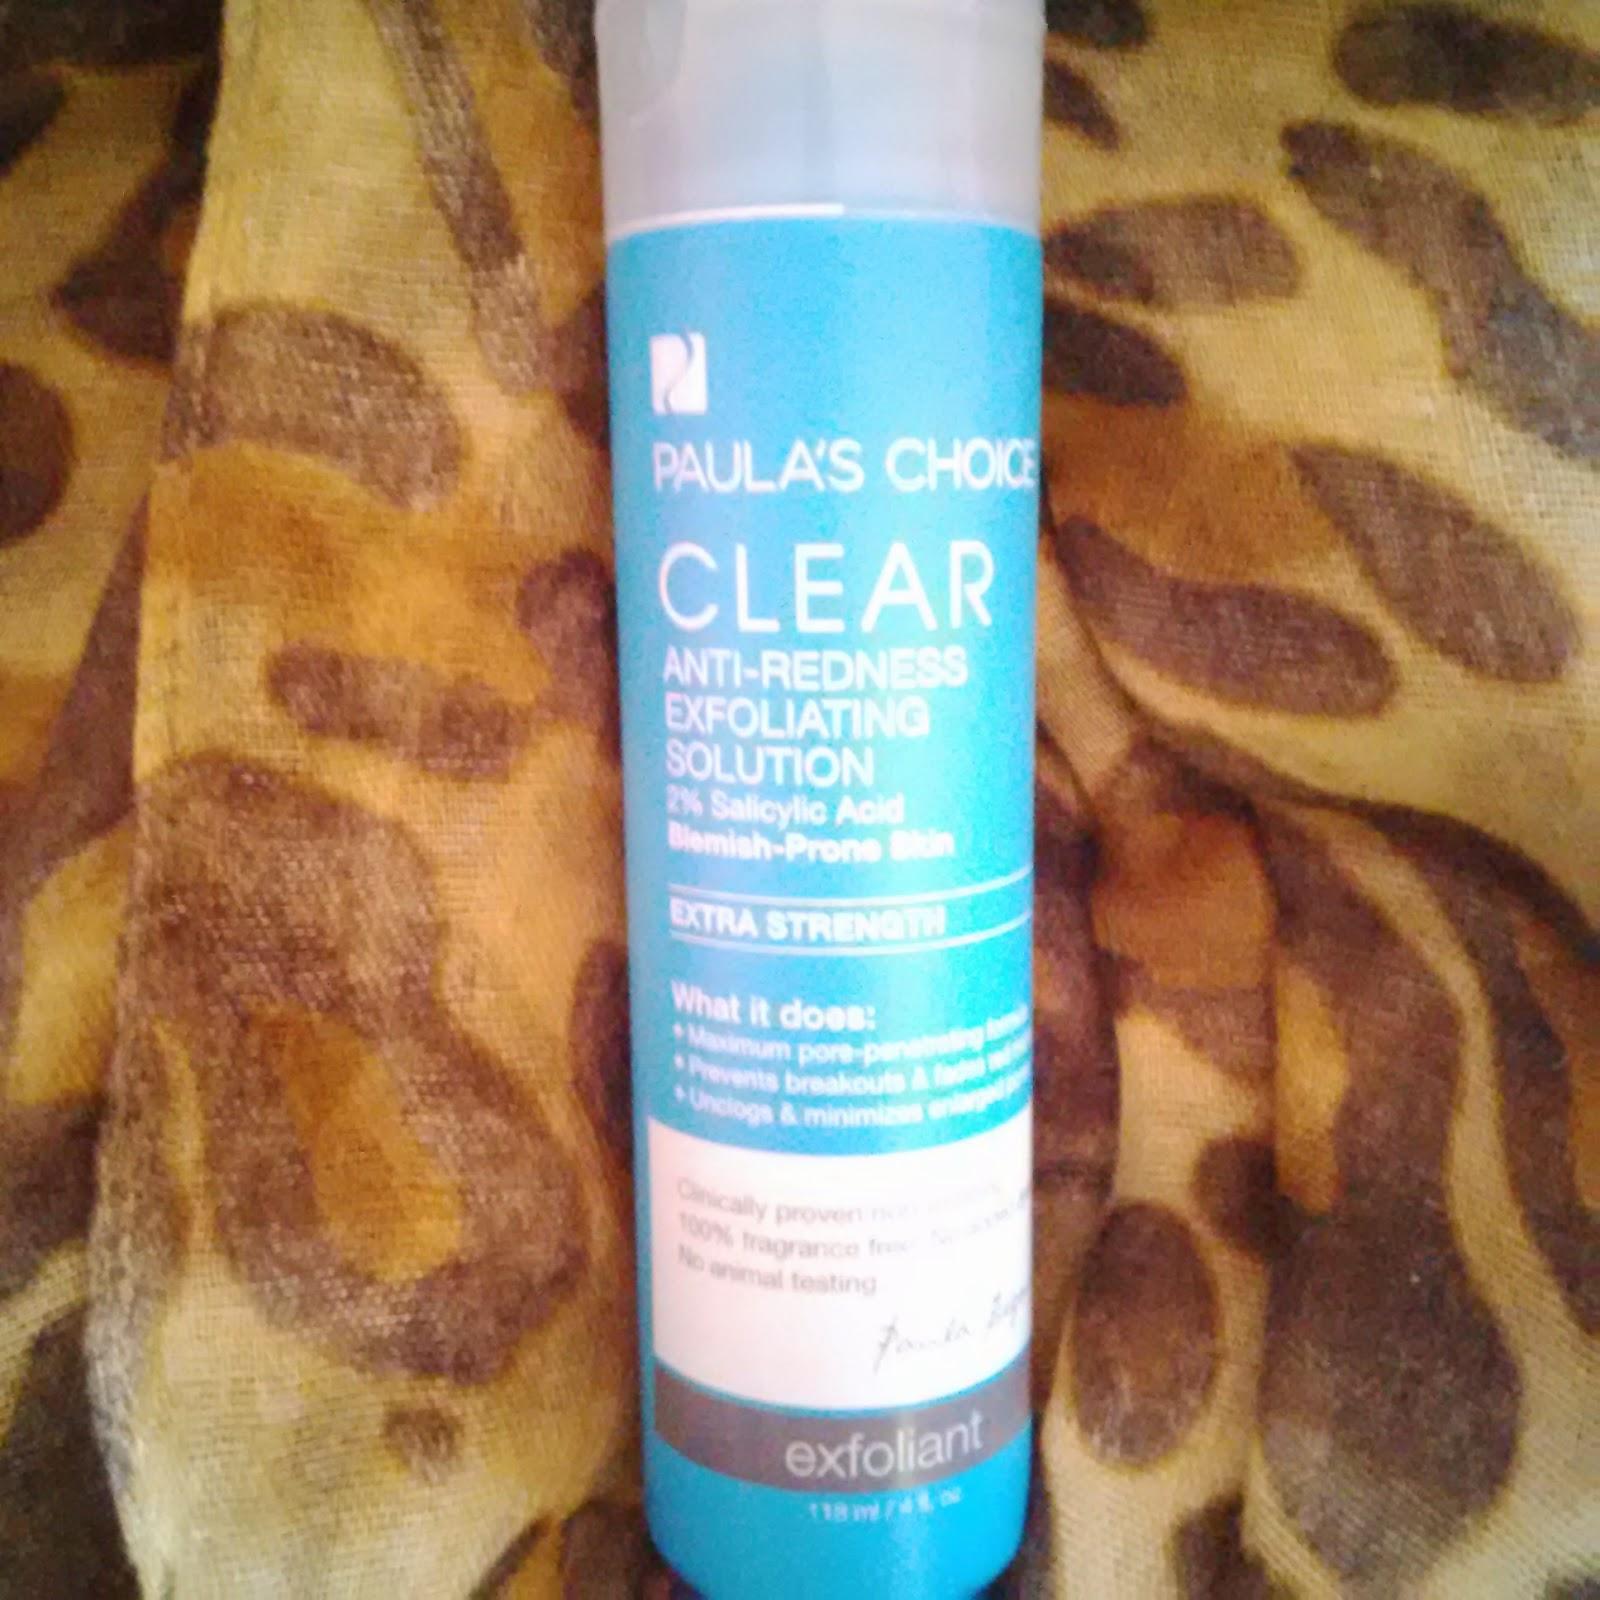 Paula's Chocie CLEAR Anti-Redness Exfoliating Solution 2% Salicylic Acid